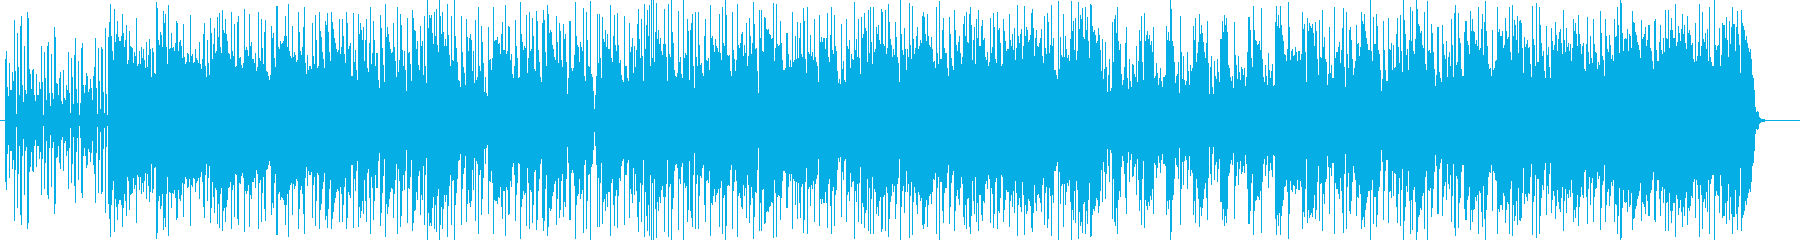 おしゃれなドラマ感のシンセギターサウンドの再生済みの波形